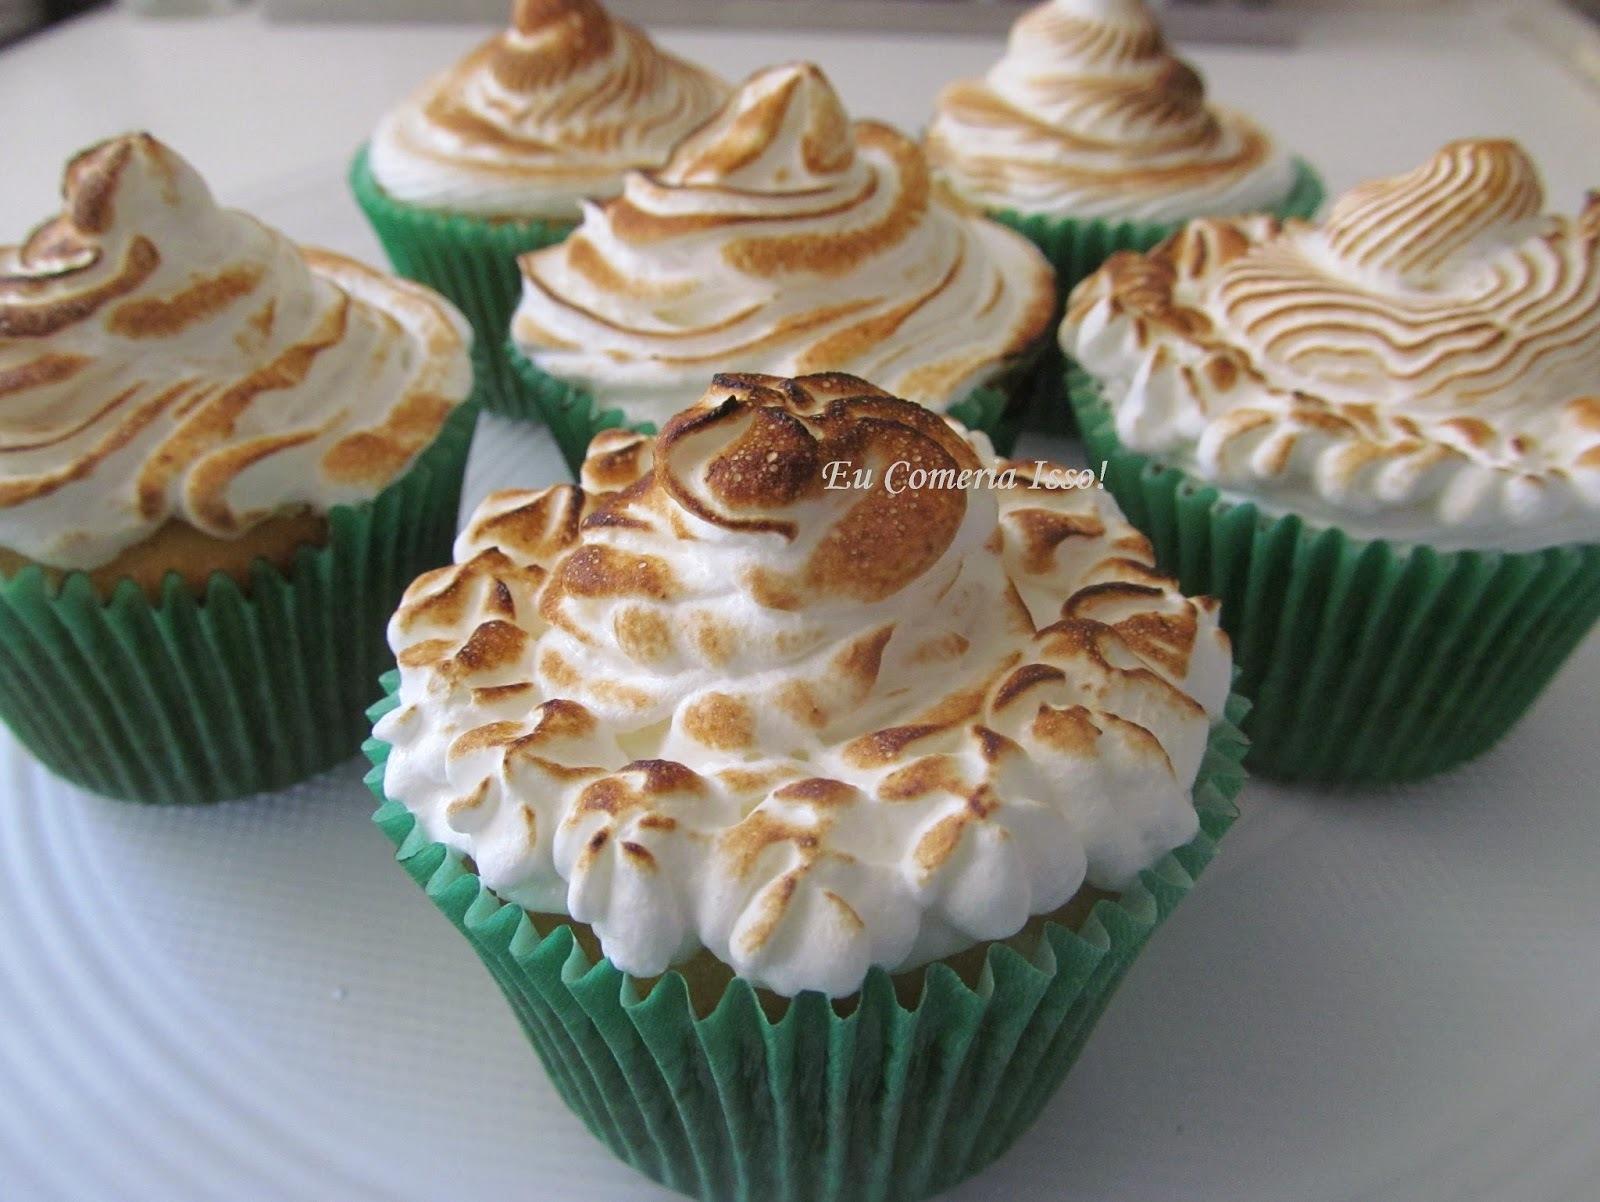 Cupcakes Amanteigados com Doce de Leite e Merengue